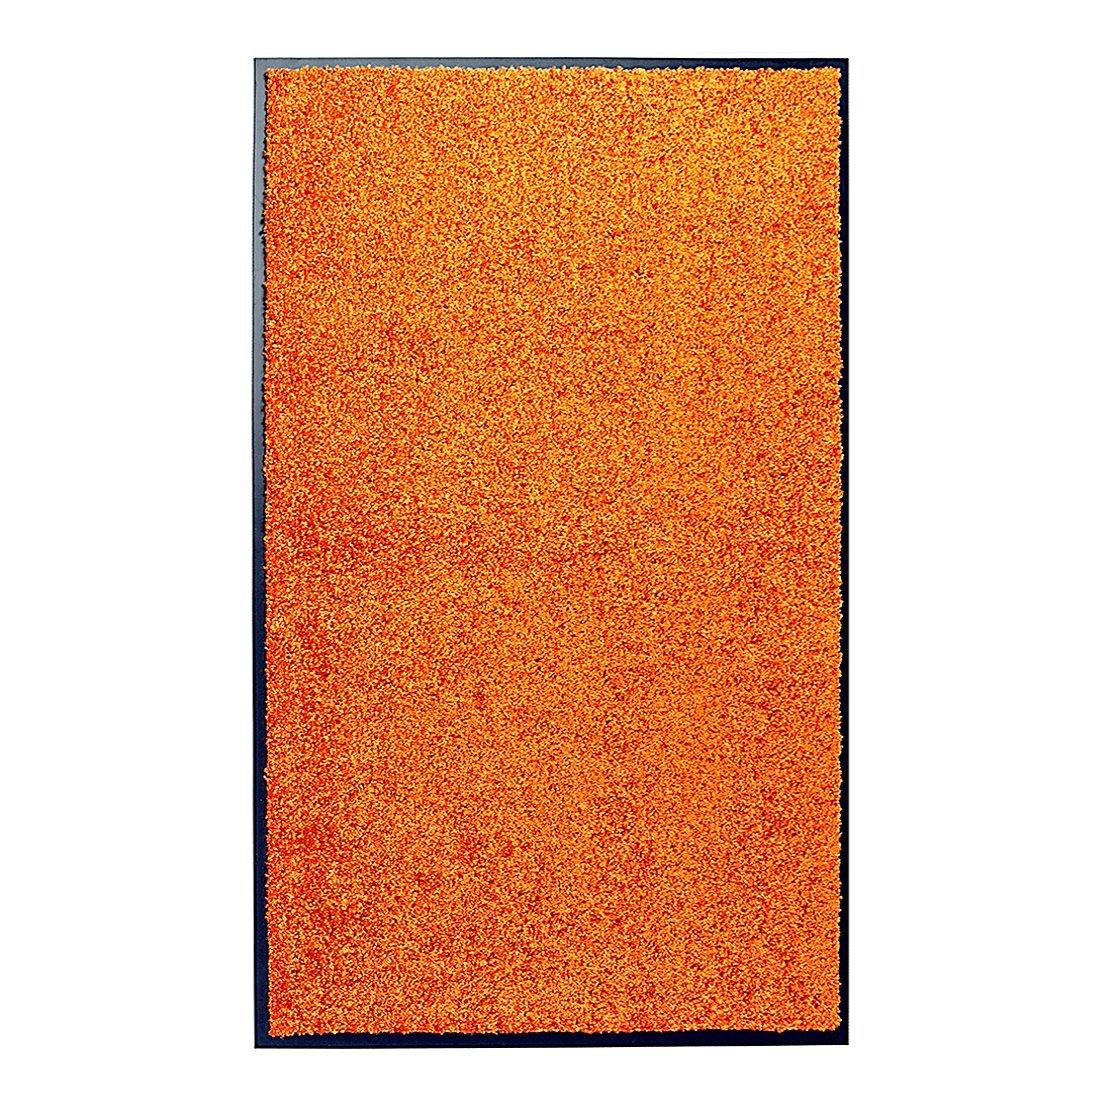 Schmutzfang Fußmatte Wash & Clean orange 101469, Größe 90x150 cm